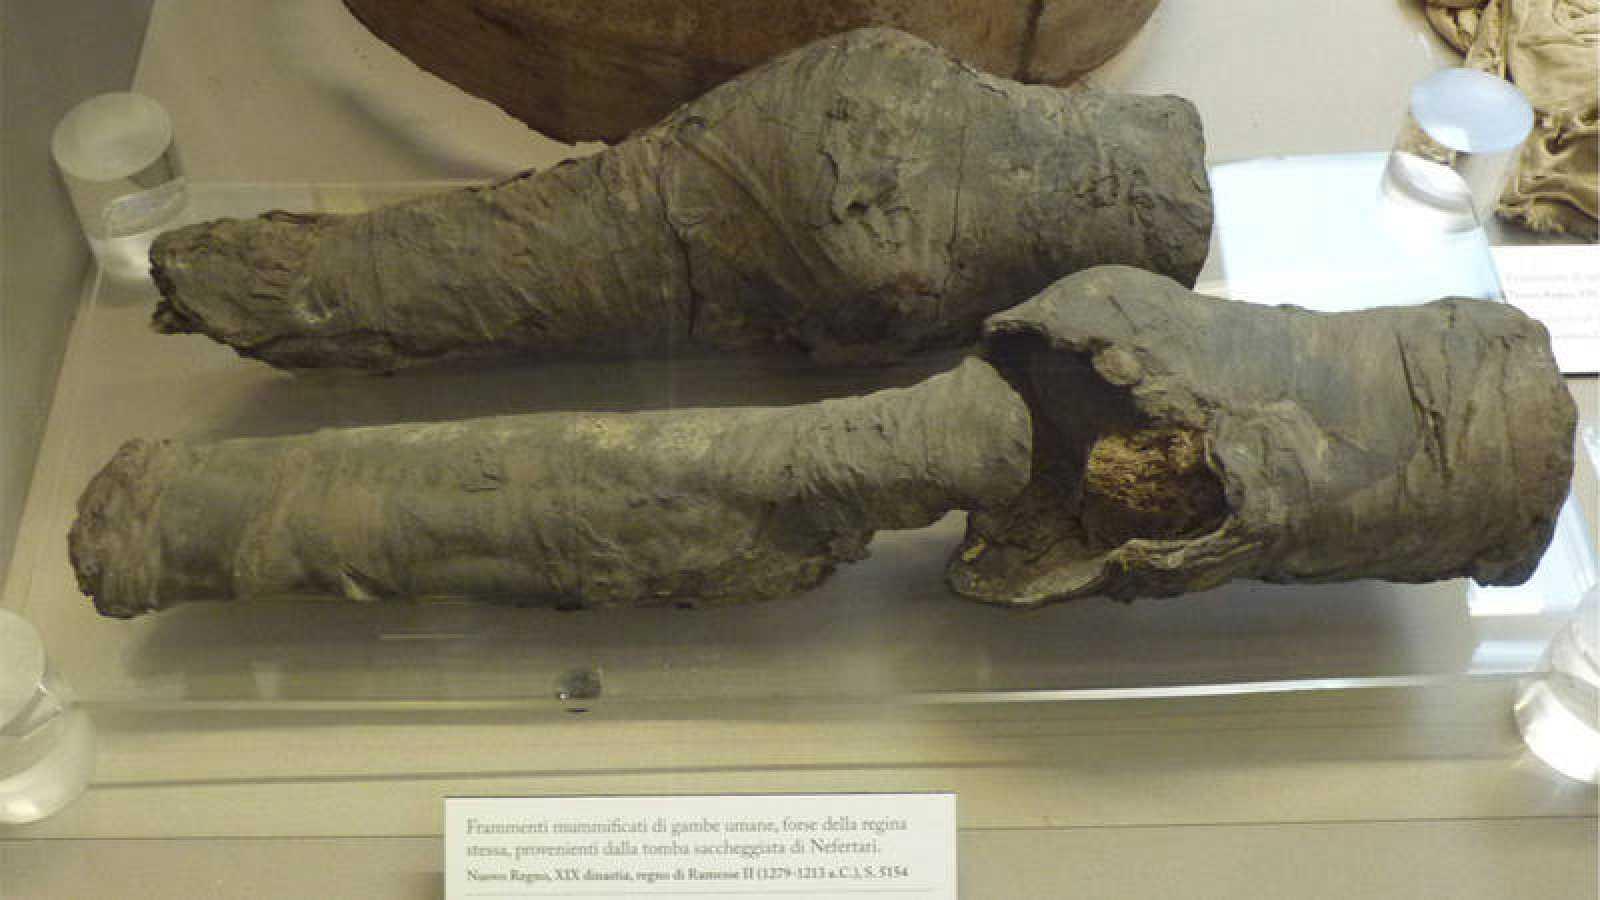 Las piernas embalsamadas han sido sometidas a exámenes químicos y paleopatológicos, además de datación por radiocarbono.